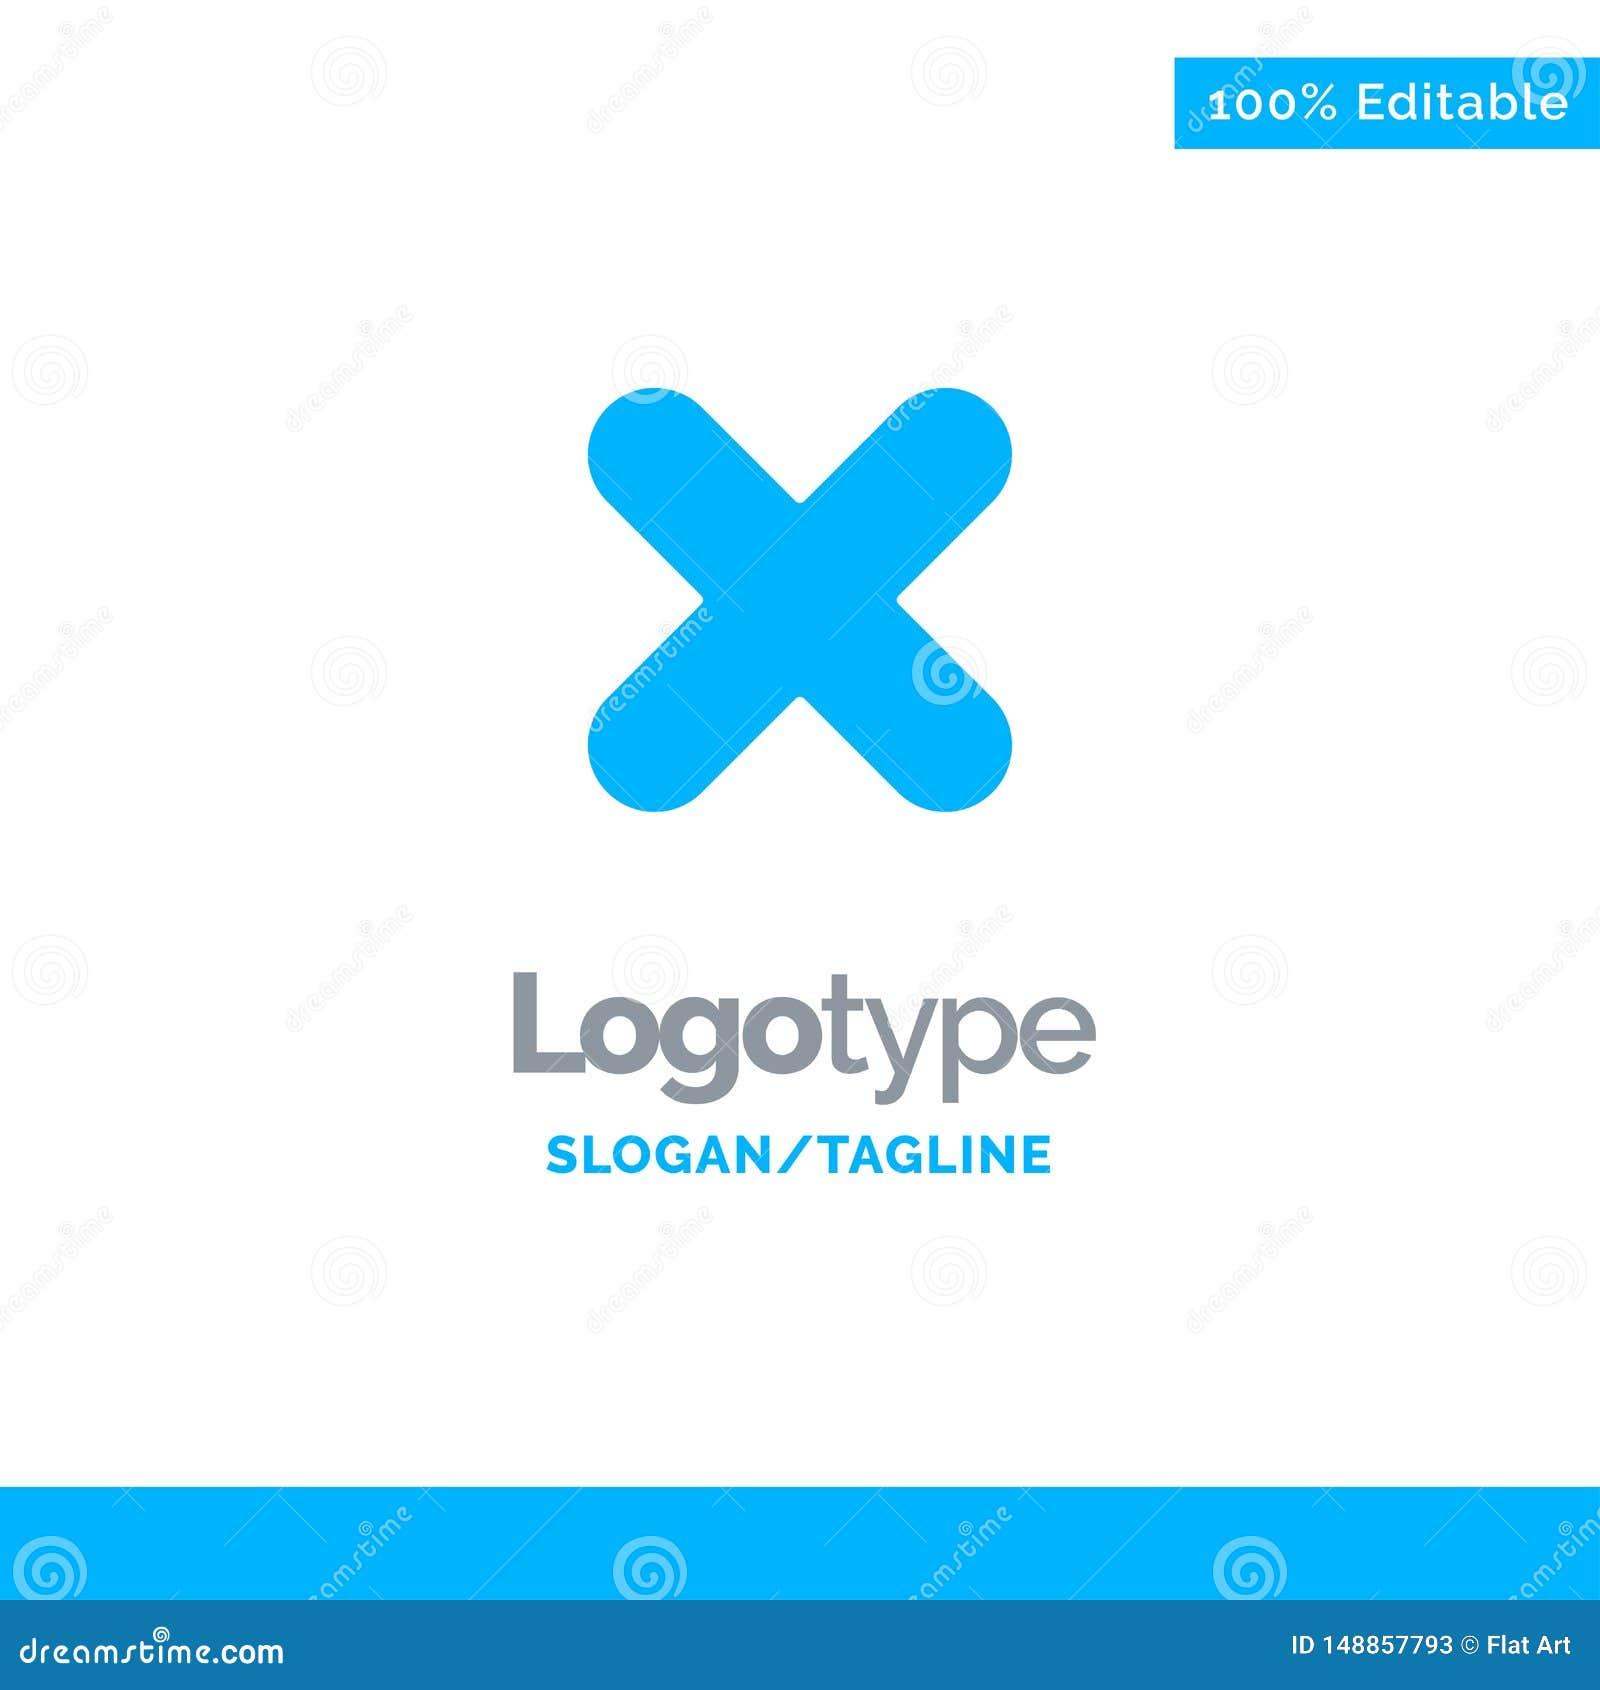 Borttagnings annullering, slut, arga blåa fasta Logo Template St?lle f?r Tagline